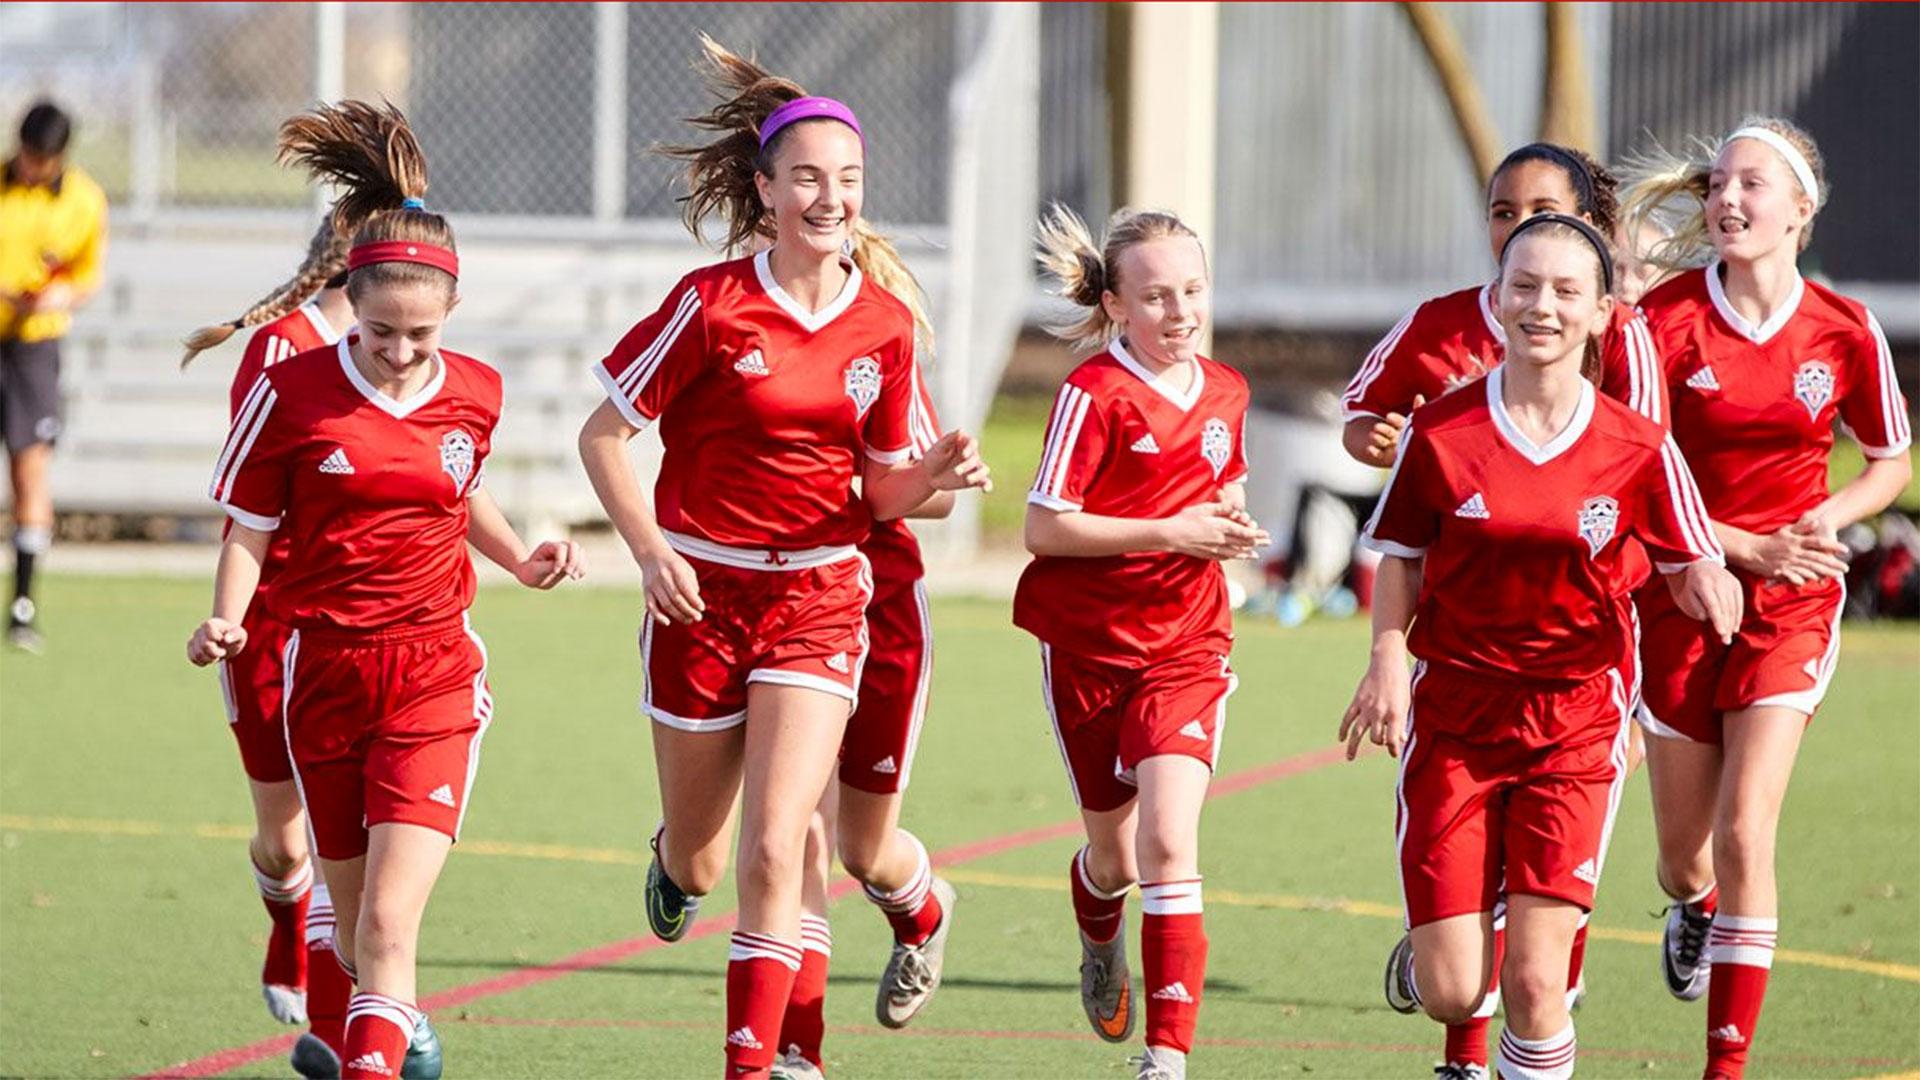 El número de mujeres que practica soccer es en varios clubes superior al de los hombres